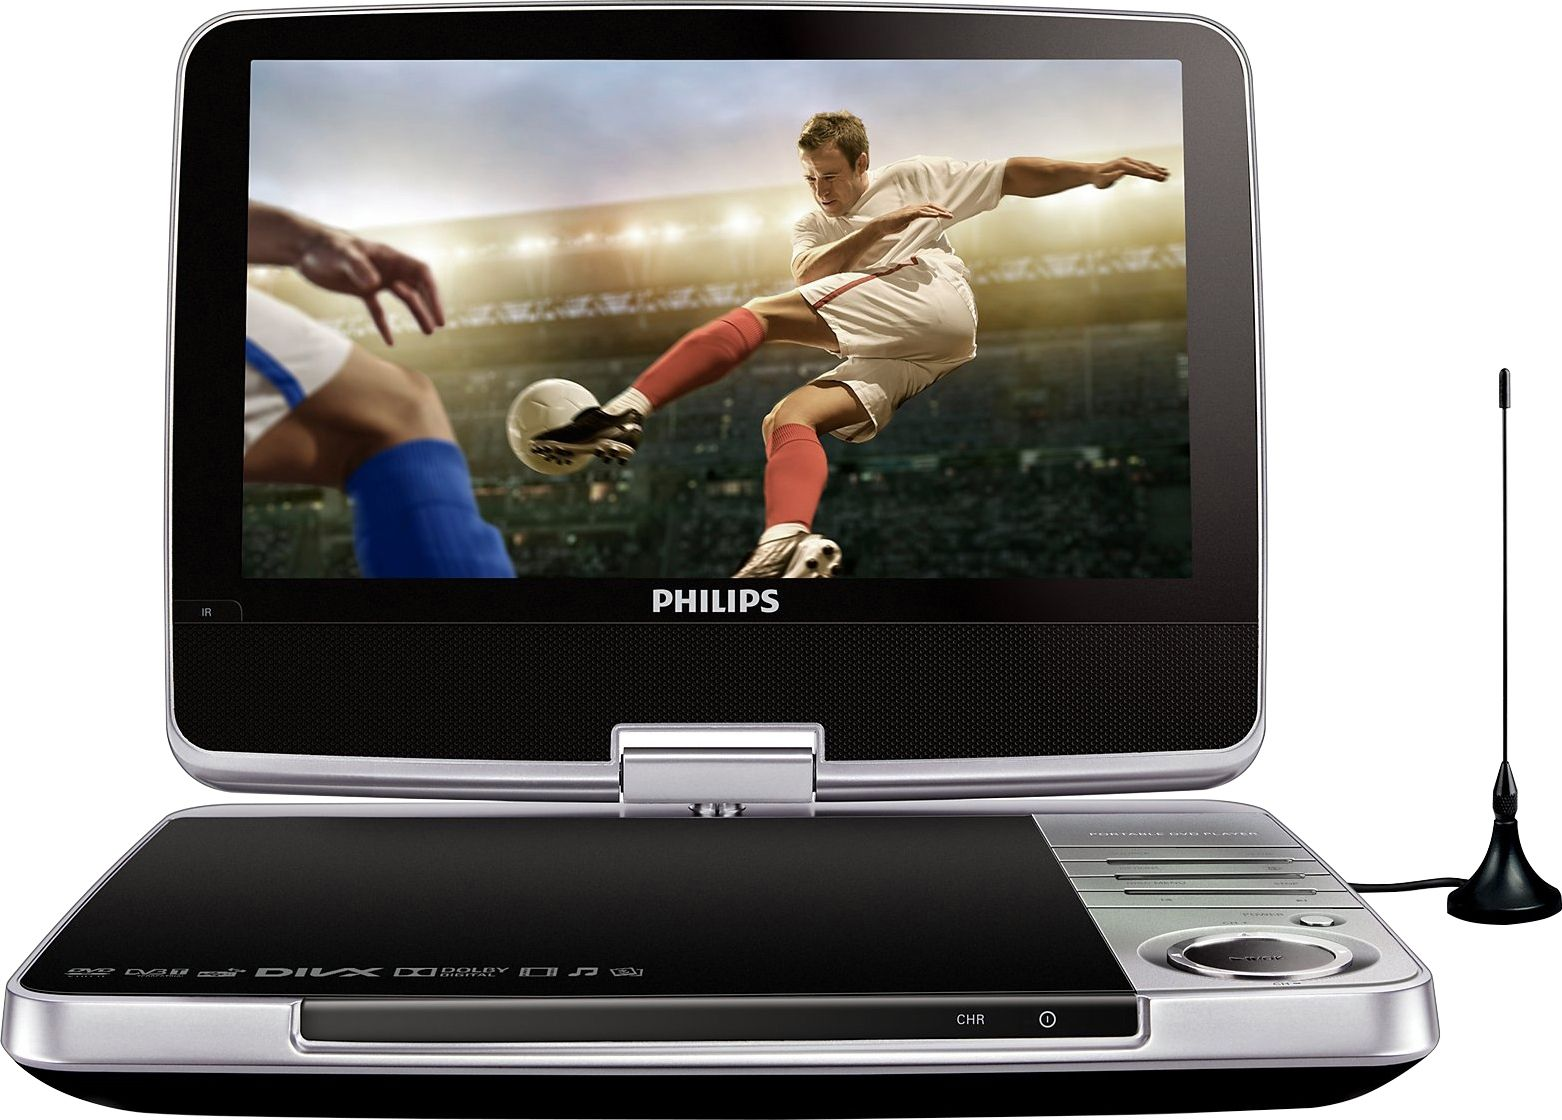 philips pd9025 tragbarer dvd player fernseher dvb t. Black Bedroom Furniture Sets. Home Design Ideas